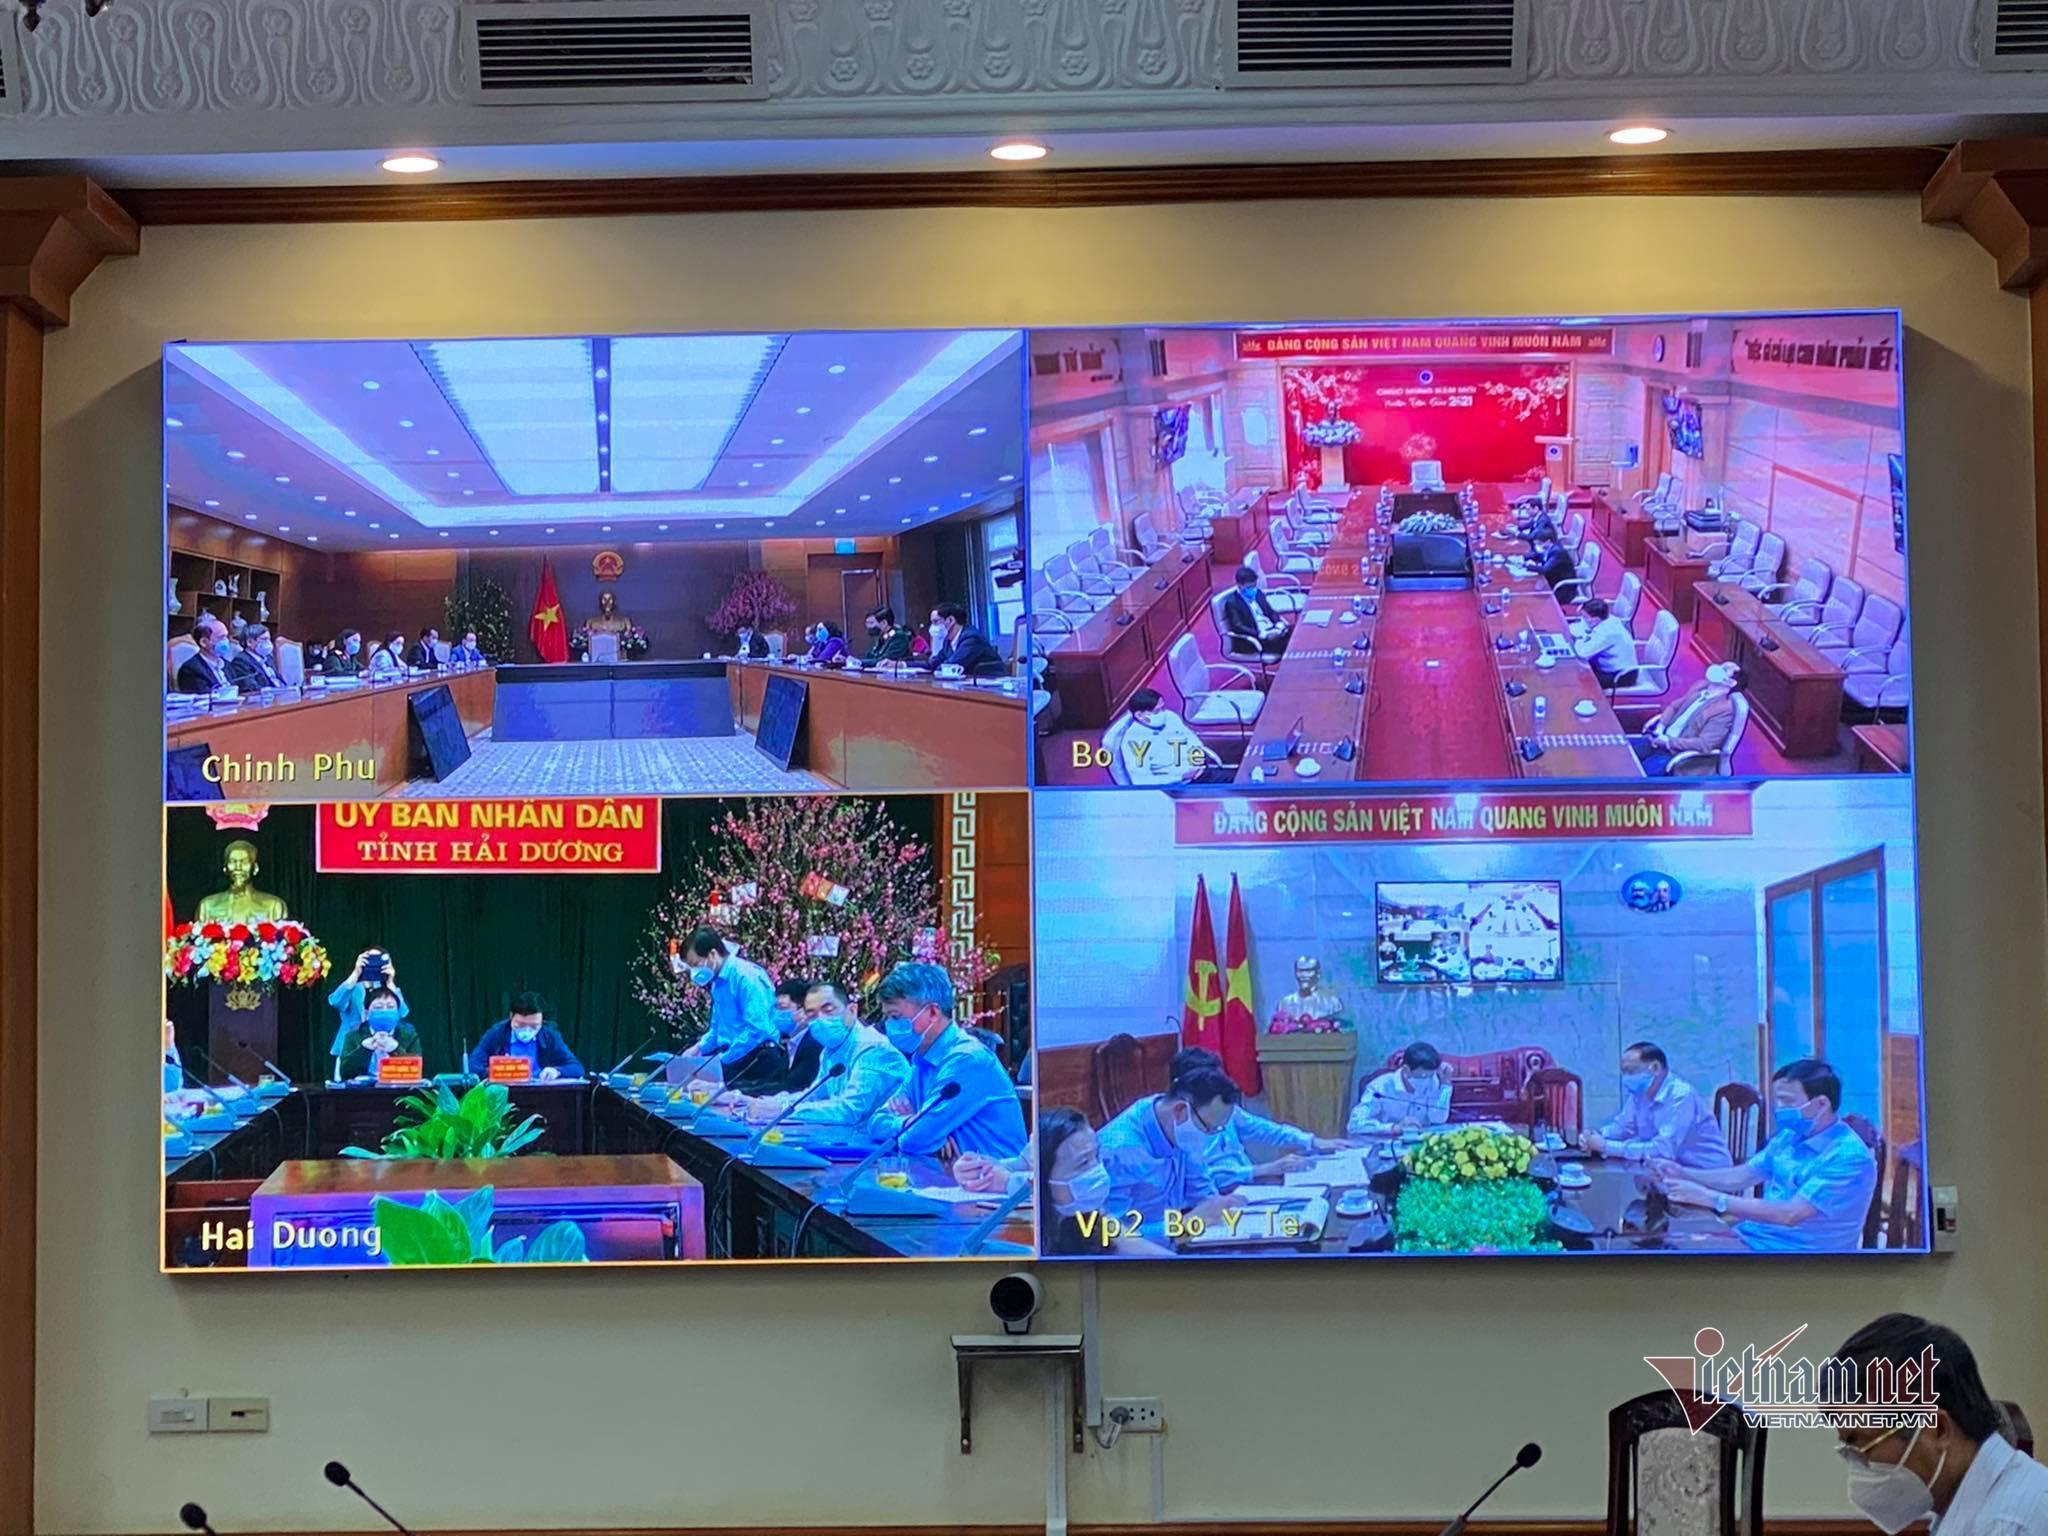 Phó Thủ tướng Vũ Đức Đam nhắc Hải Dương không chủ quan